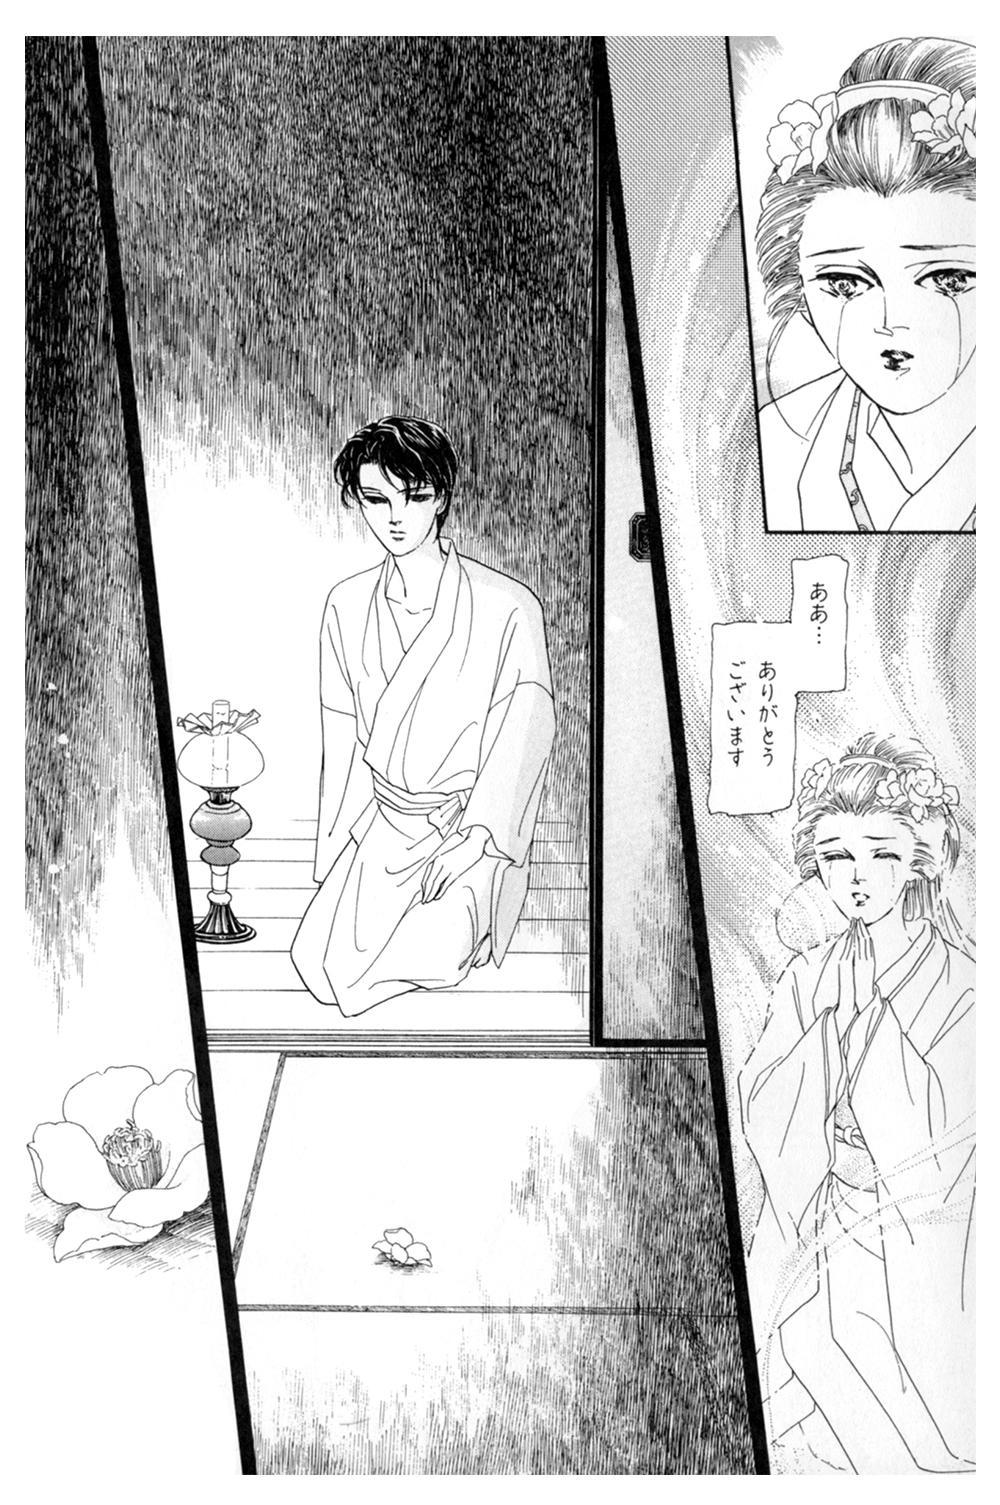 雨柳堂夢咄 第1話「花椿の恋」①uryu14.jpg